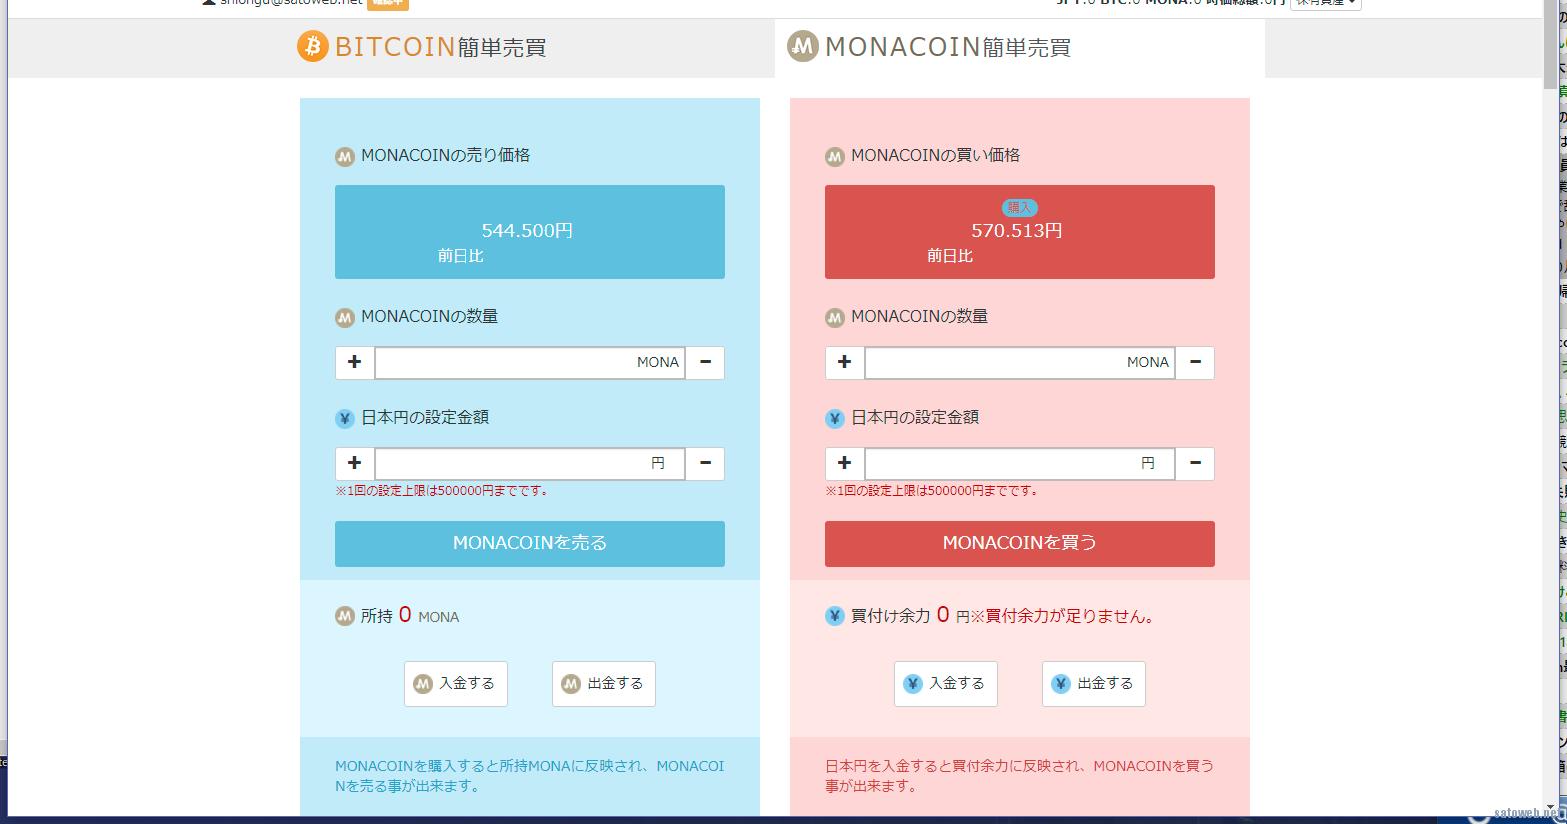 【仮想通貨】monacoinの価格とDifficultyの急上昇っぷりが半端ない。